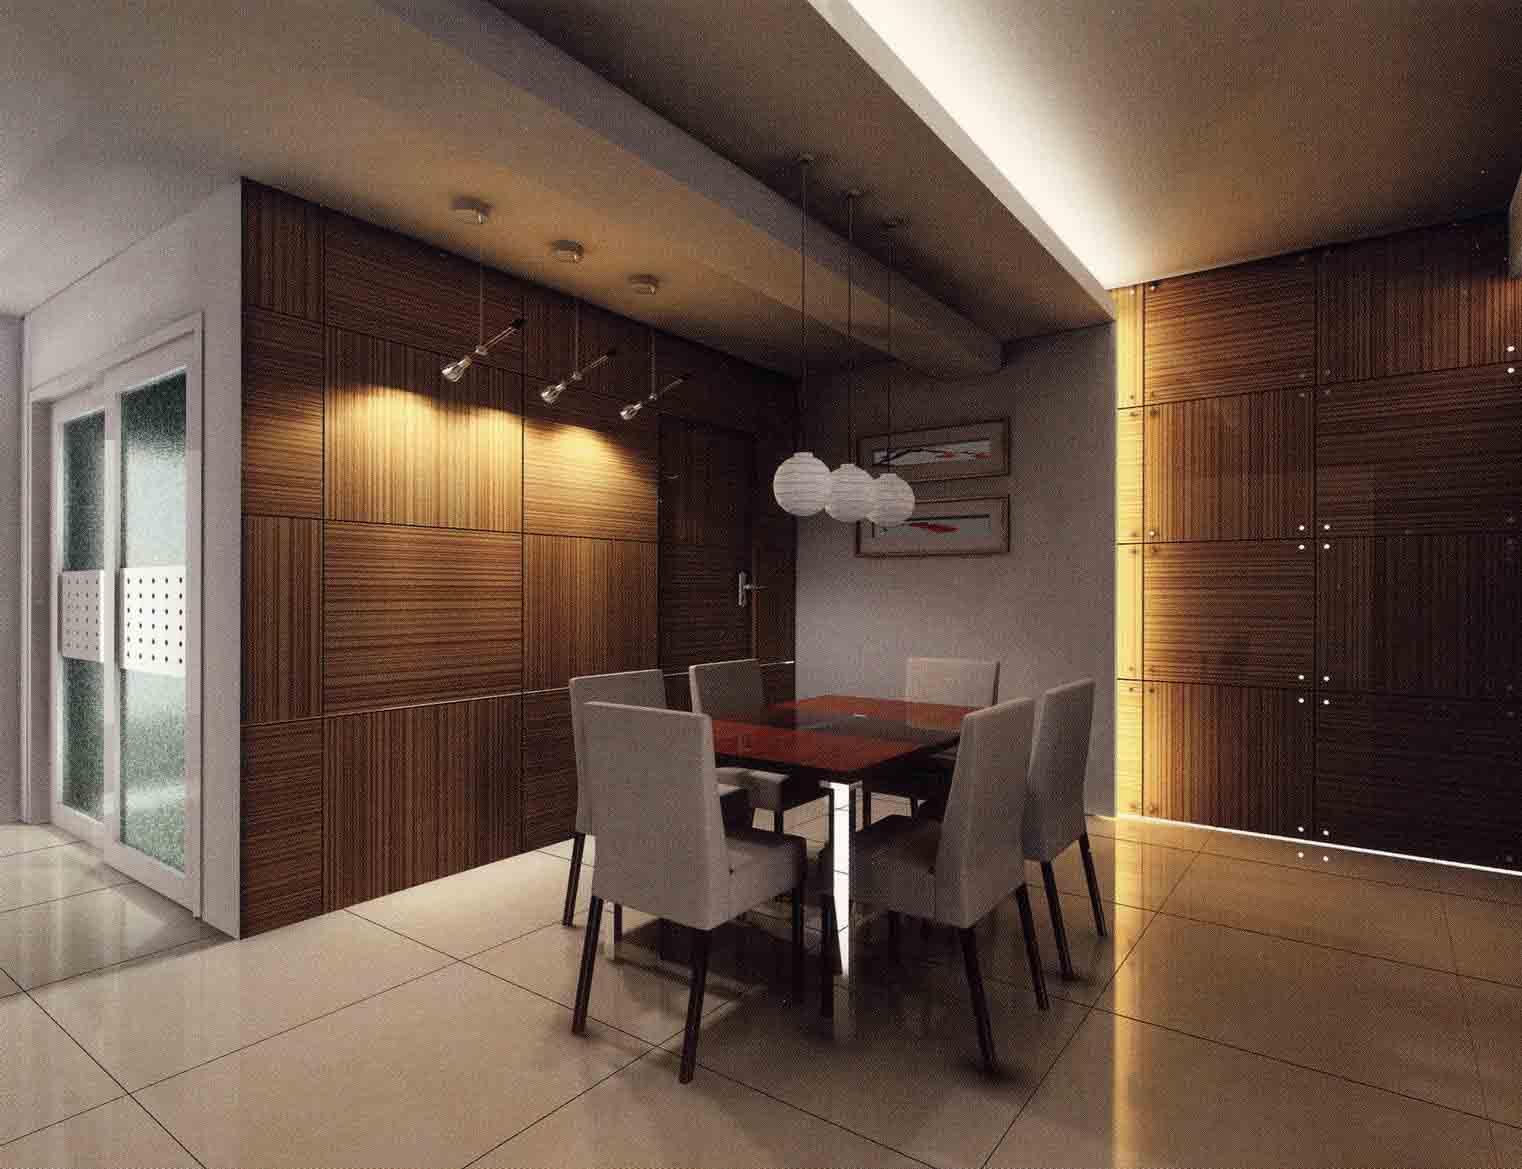 POP Ceiling Design For Dining Room GharExpert